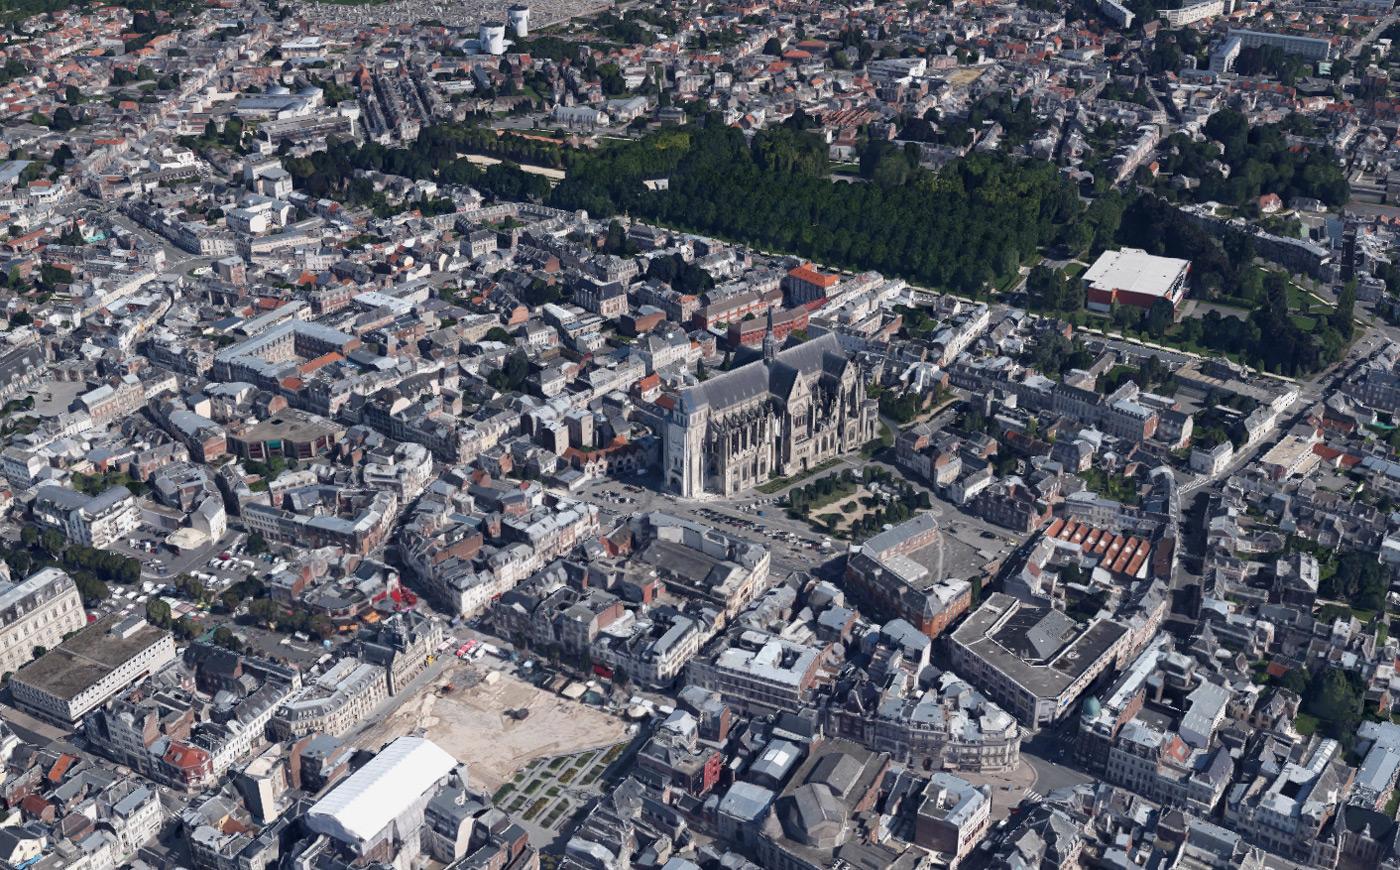 Satellitenbild von Saint-Quentin